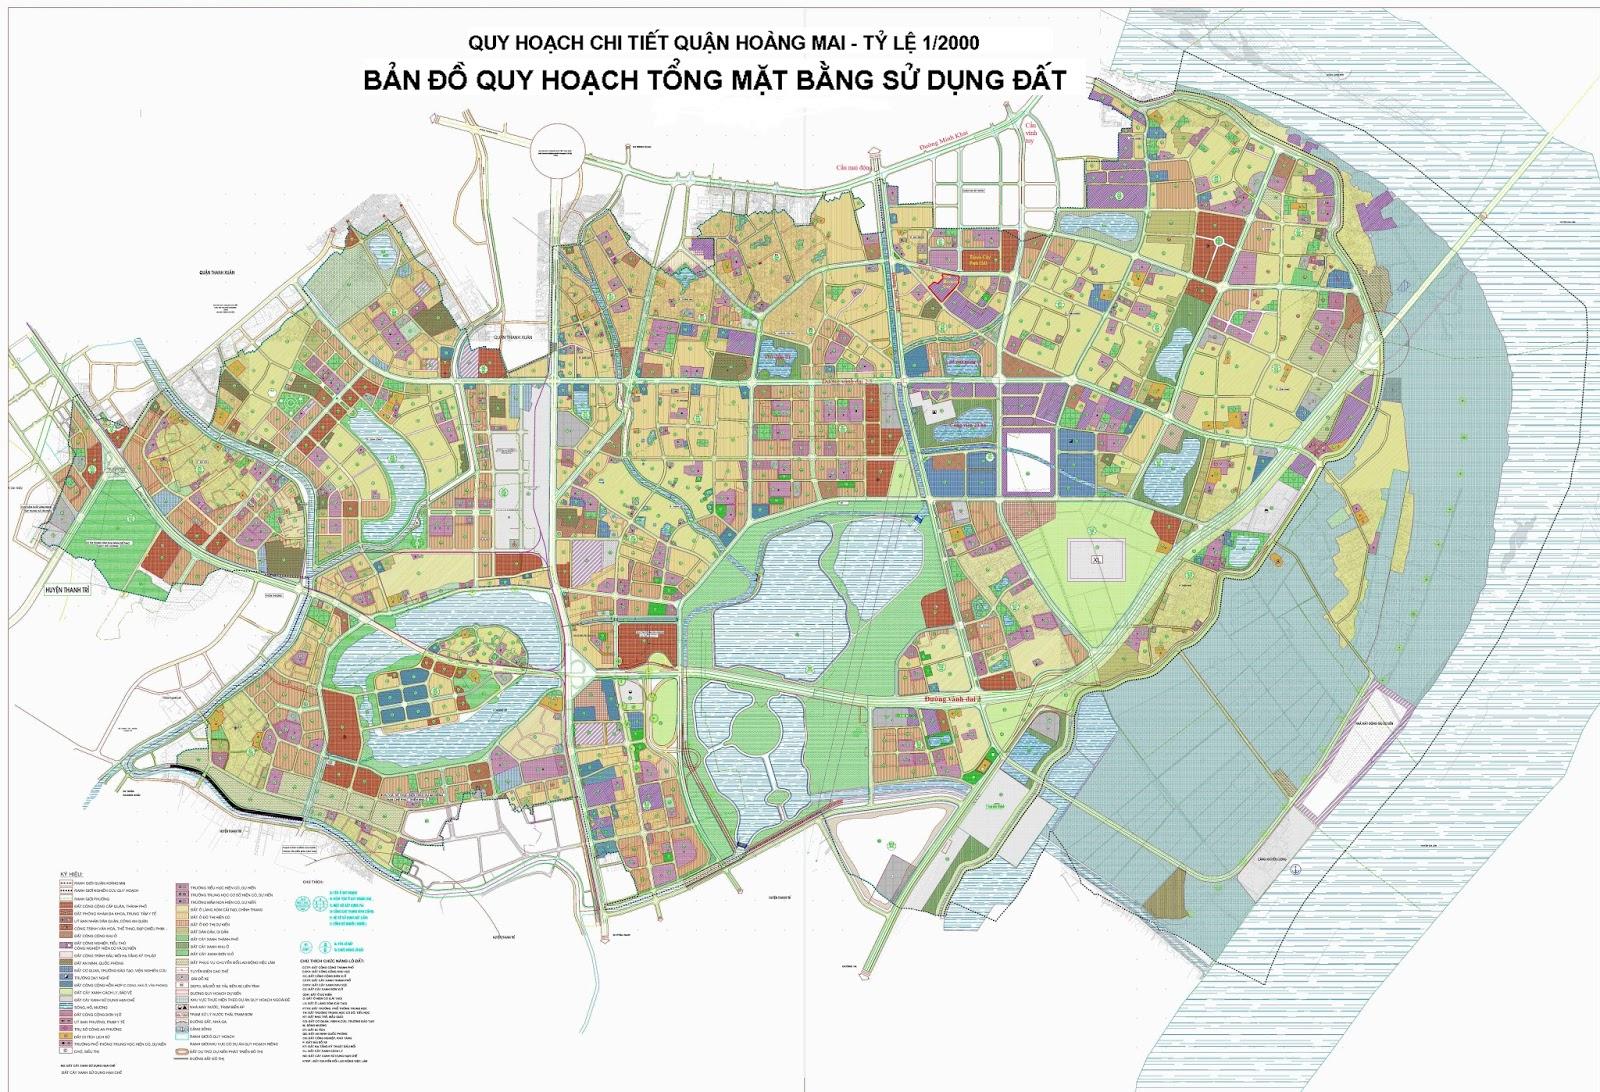 Bản đồ quy hoạch quận Hoàng Mai